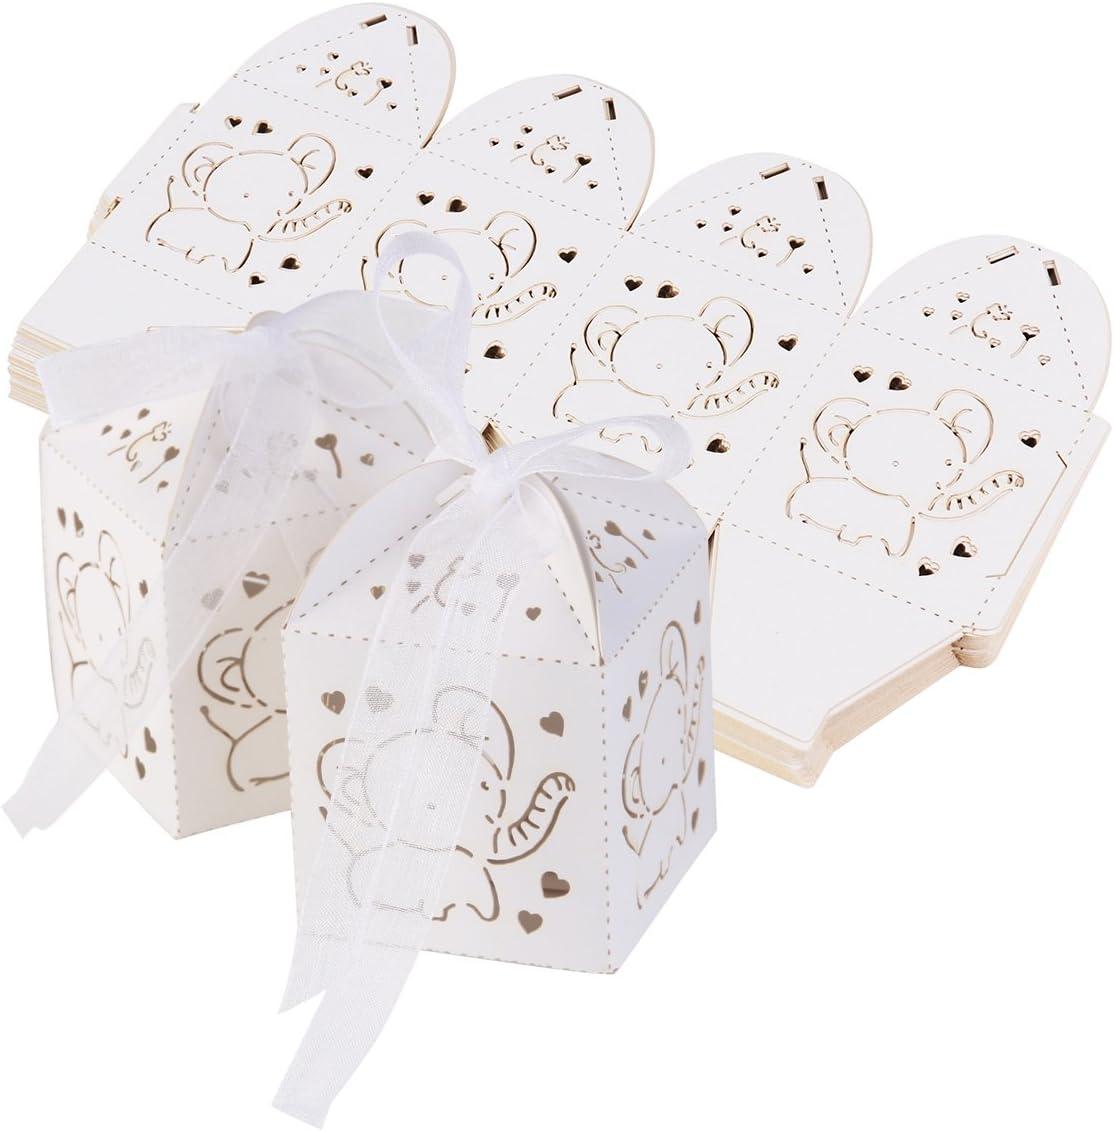 Ultnice - 50 cajas de regalo para bodas, bautizos, invitados, fiestas de nacimiento, cumpleaños